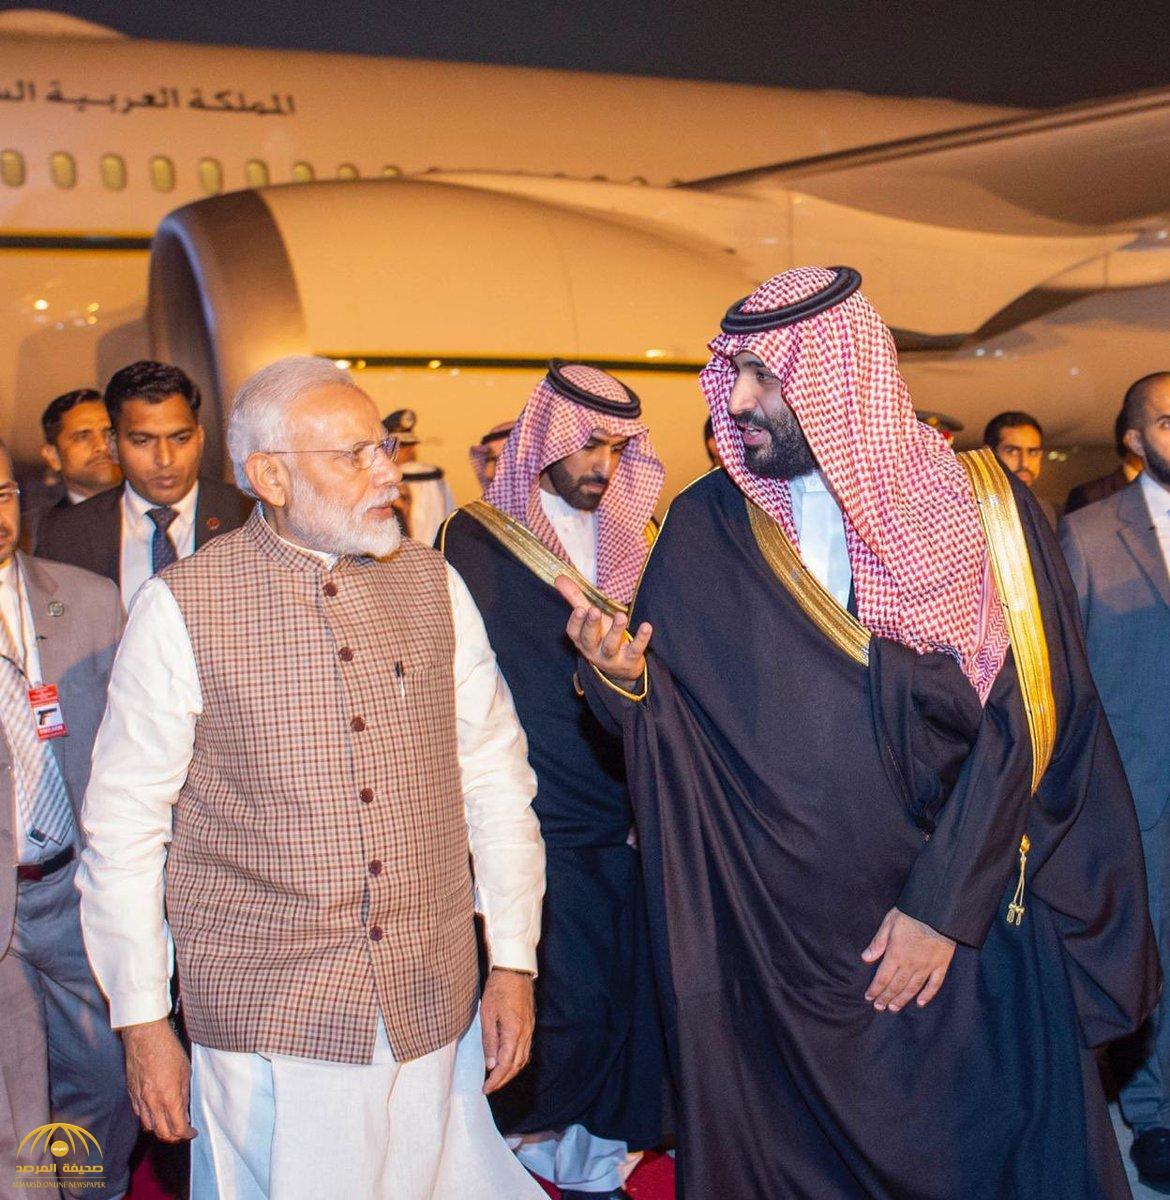 رئيس وزراء الهند يكسر البروتوكول لاستقبال ولي العهد